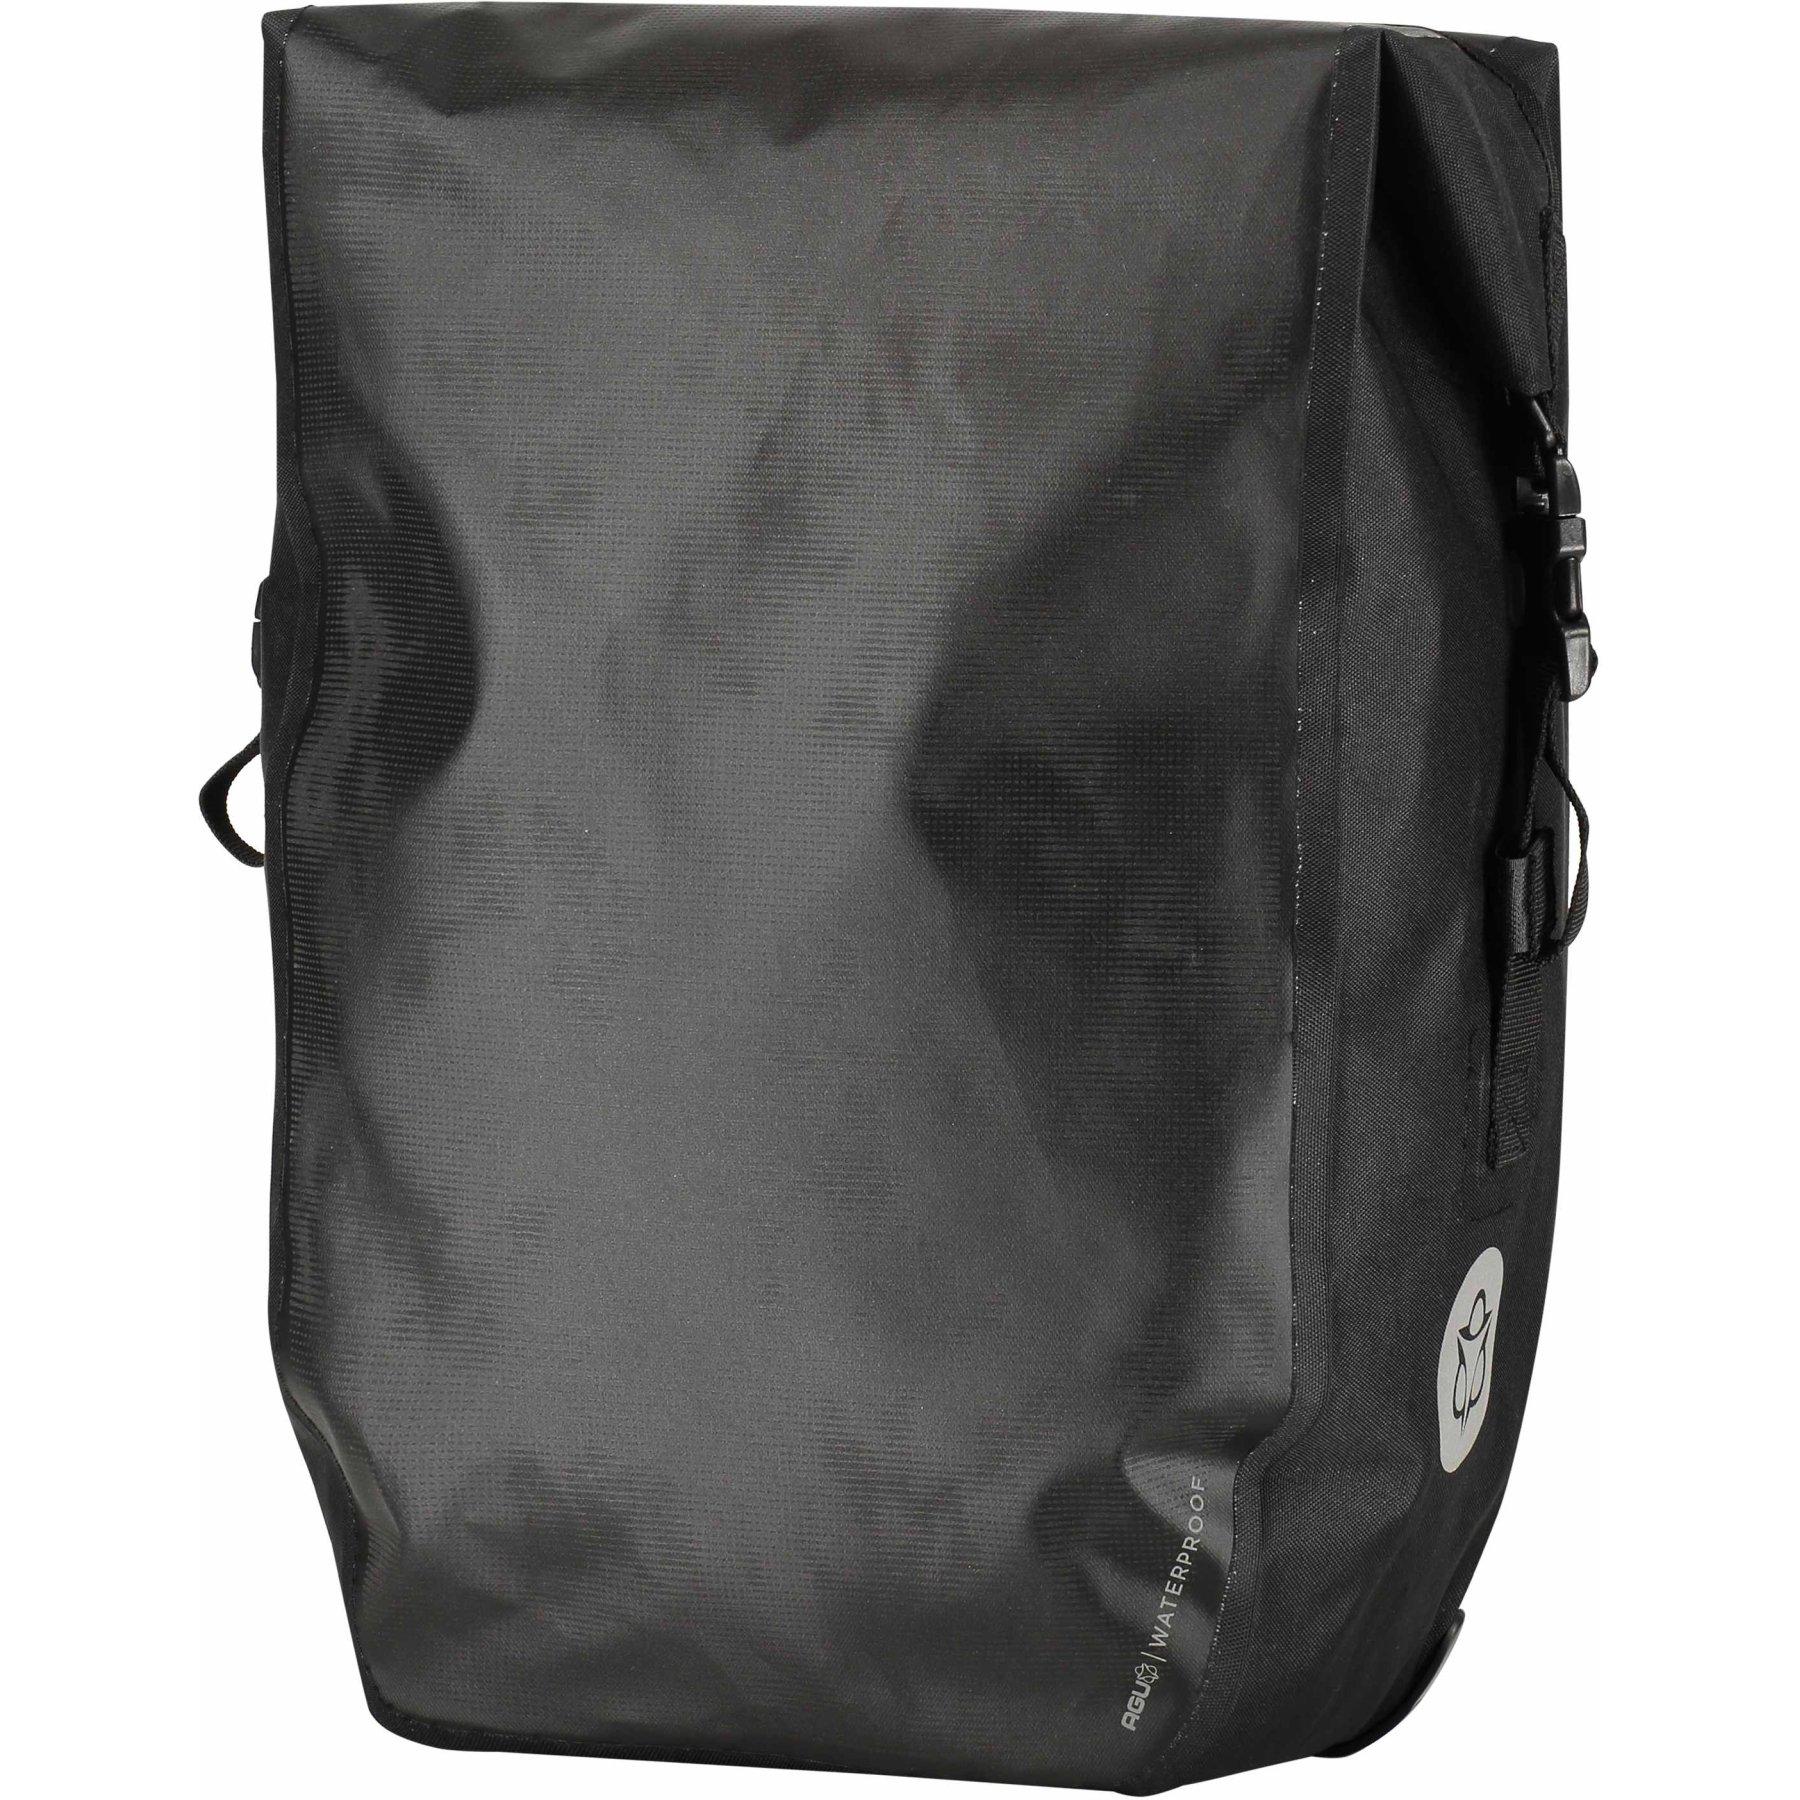 AGU Shelter Clean Single Bike Bag - Large 21L - hi-vis reflection